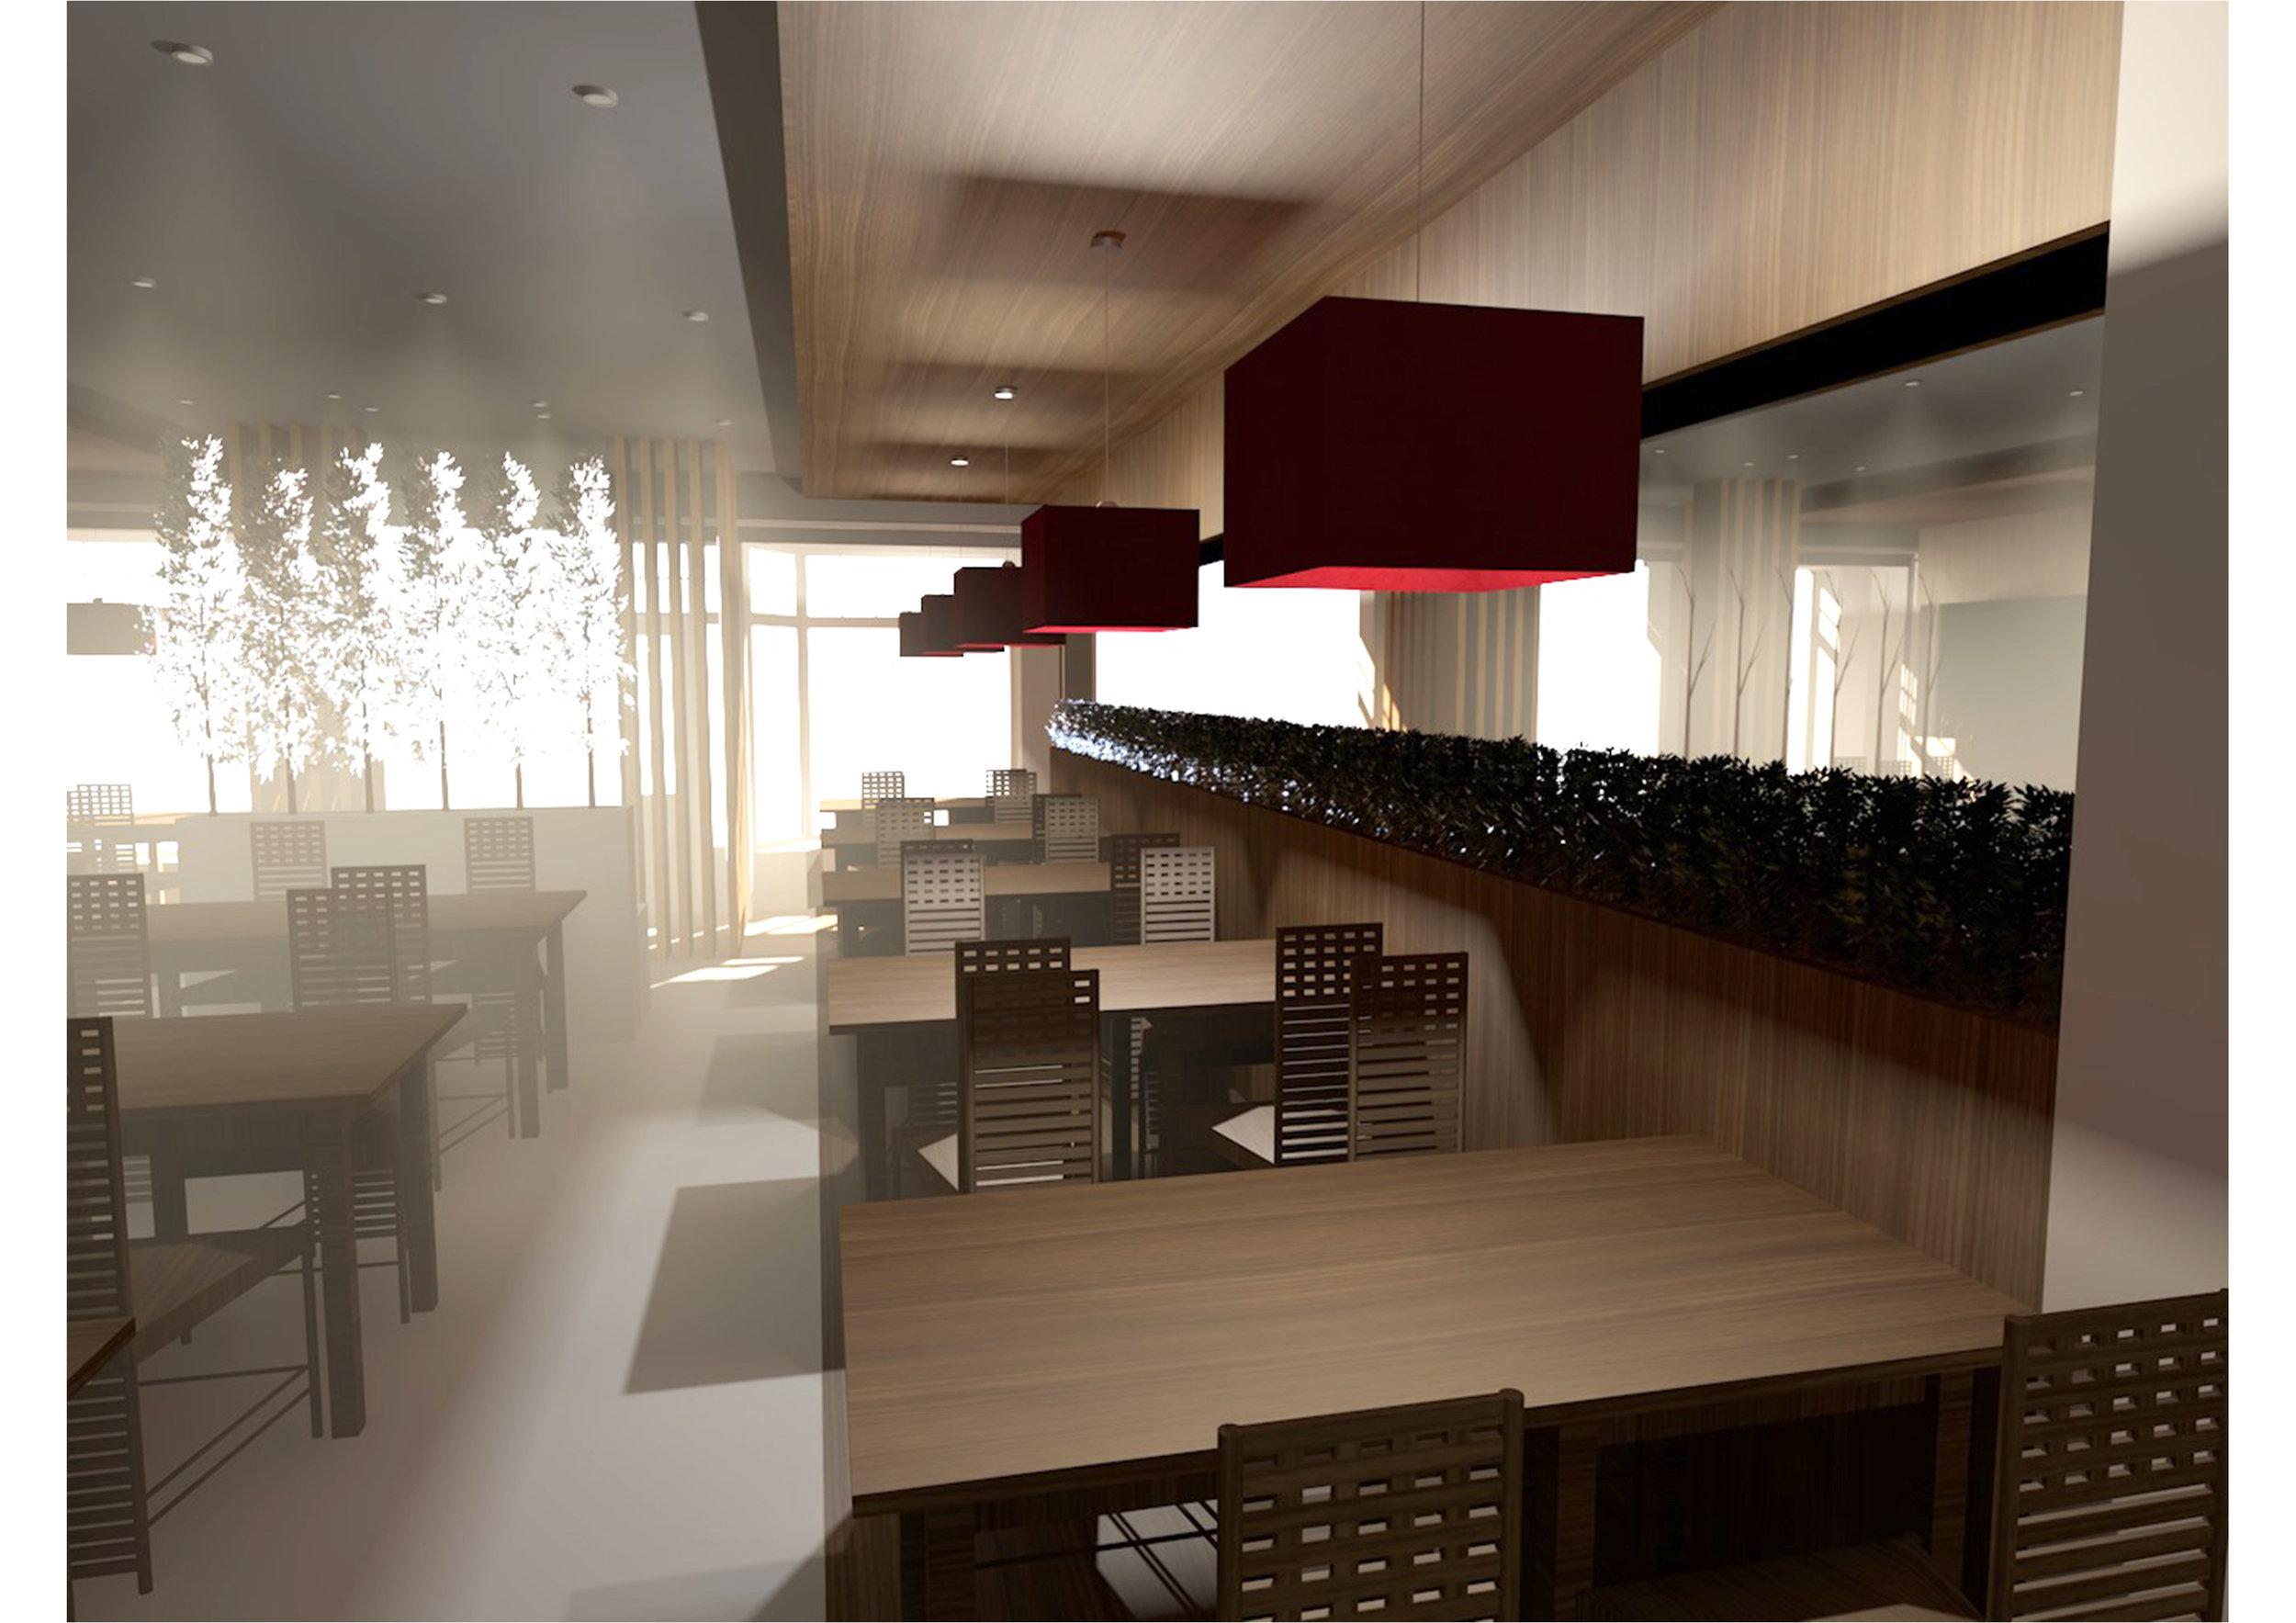 Swords Restaurant